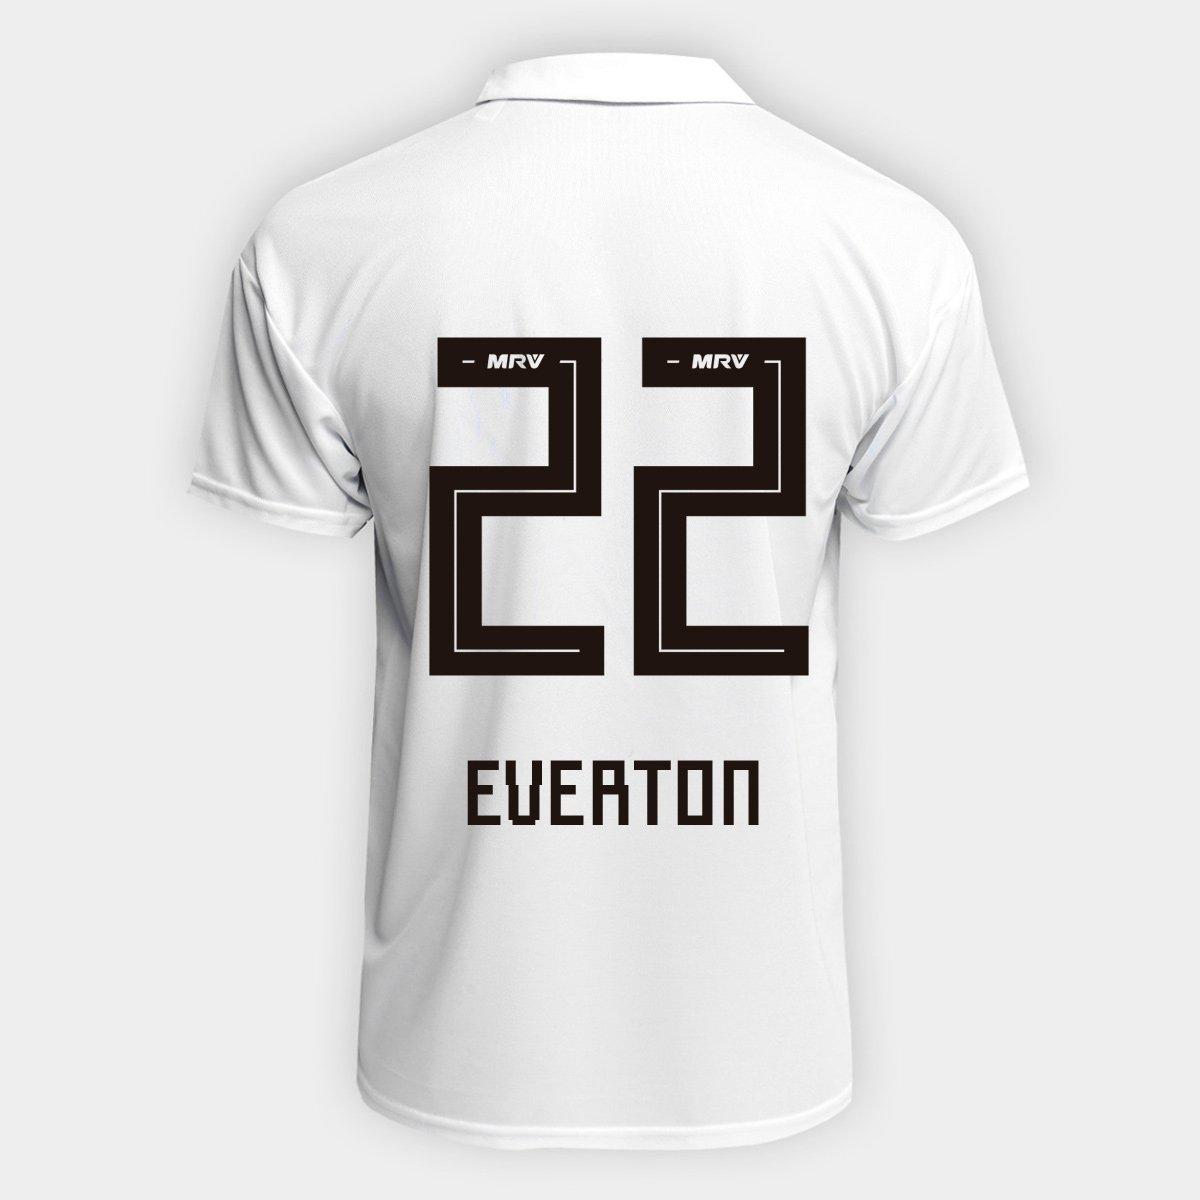 Camisa São Paulo I 2018 n° 22 Everton Torcedor Adidas Masculina - Compre  Agora  bf1c105124a06